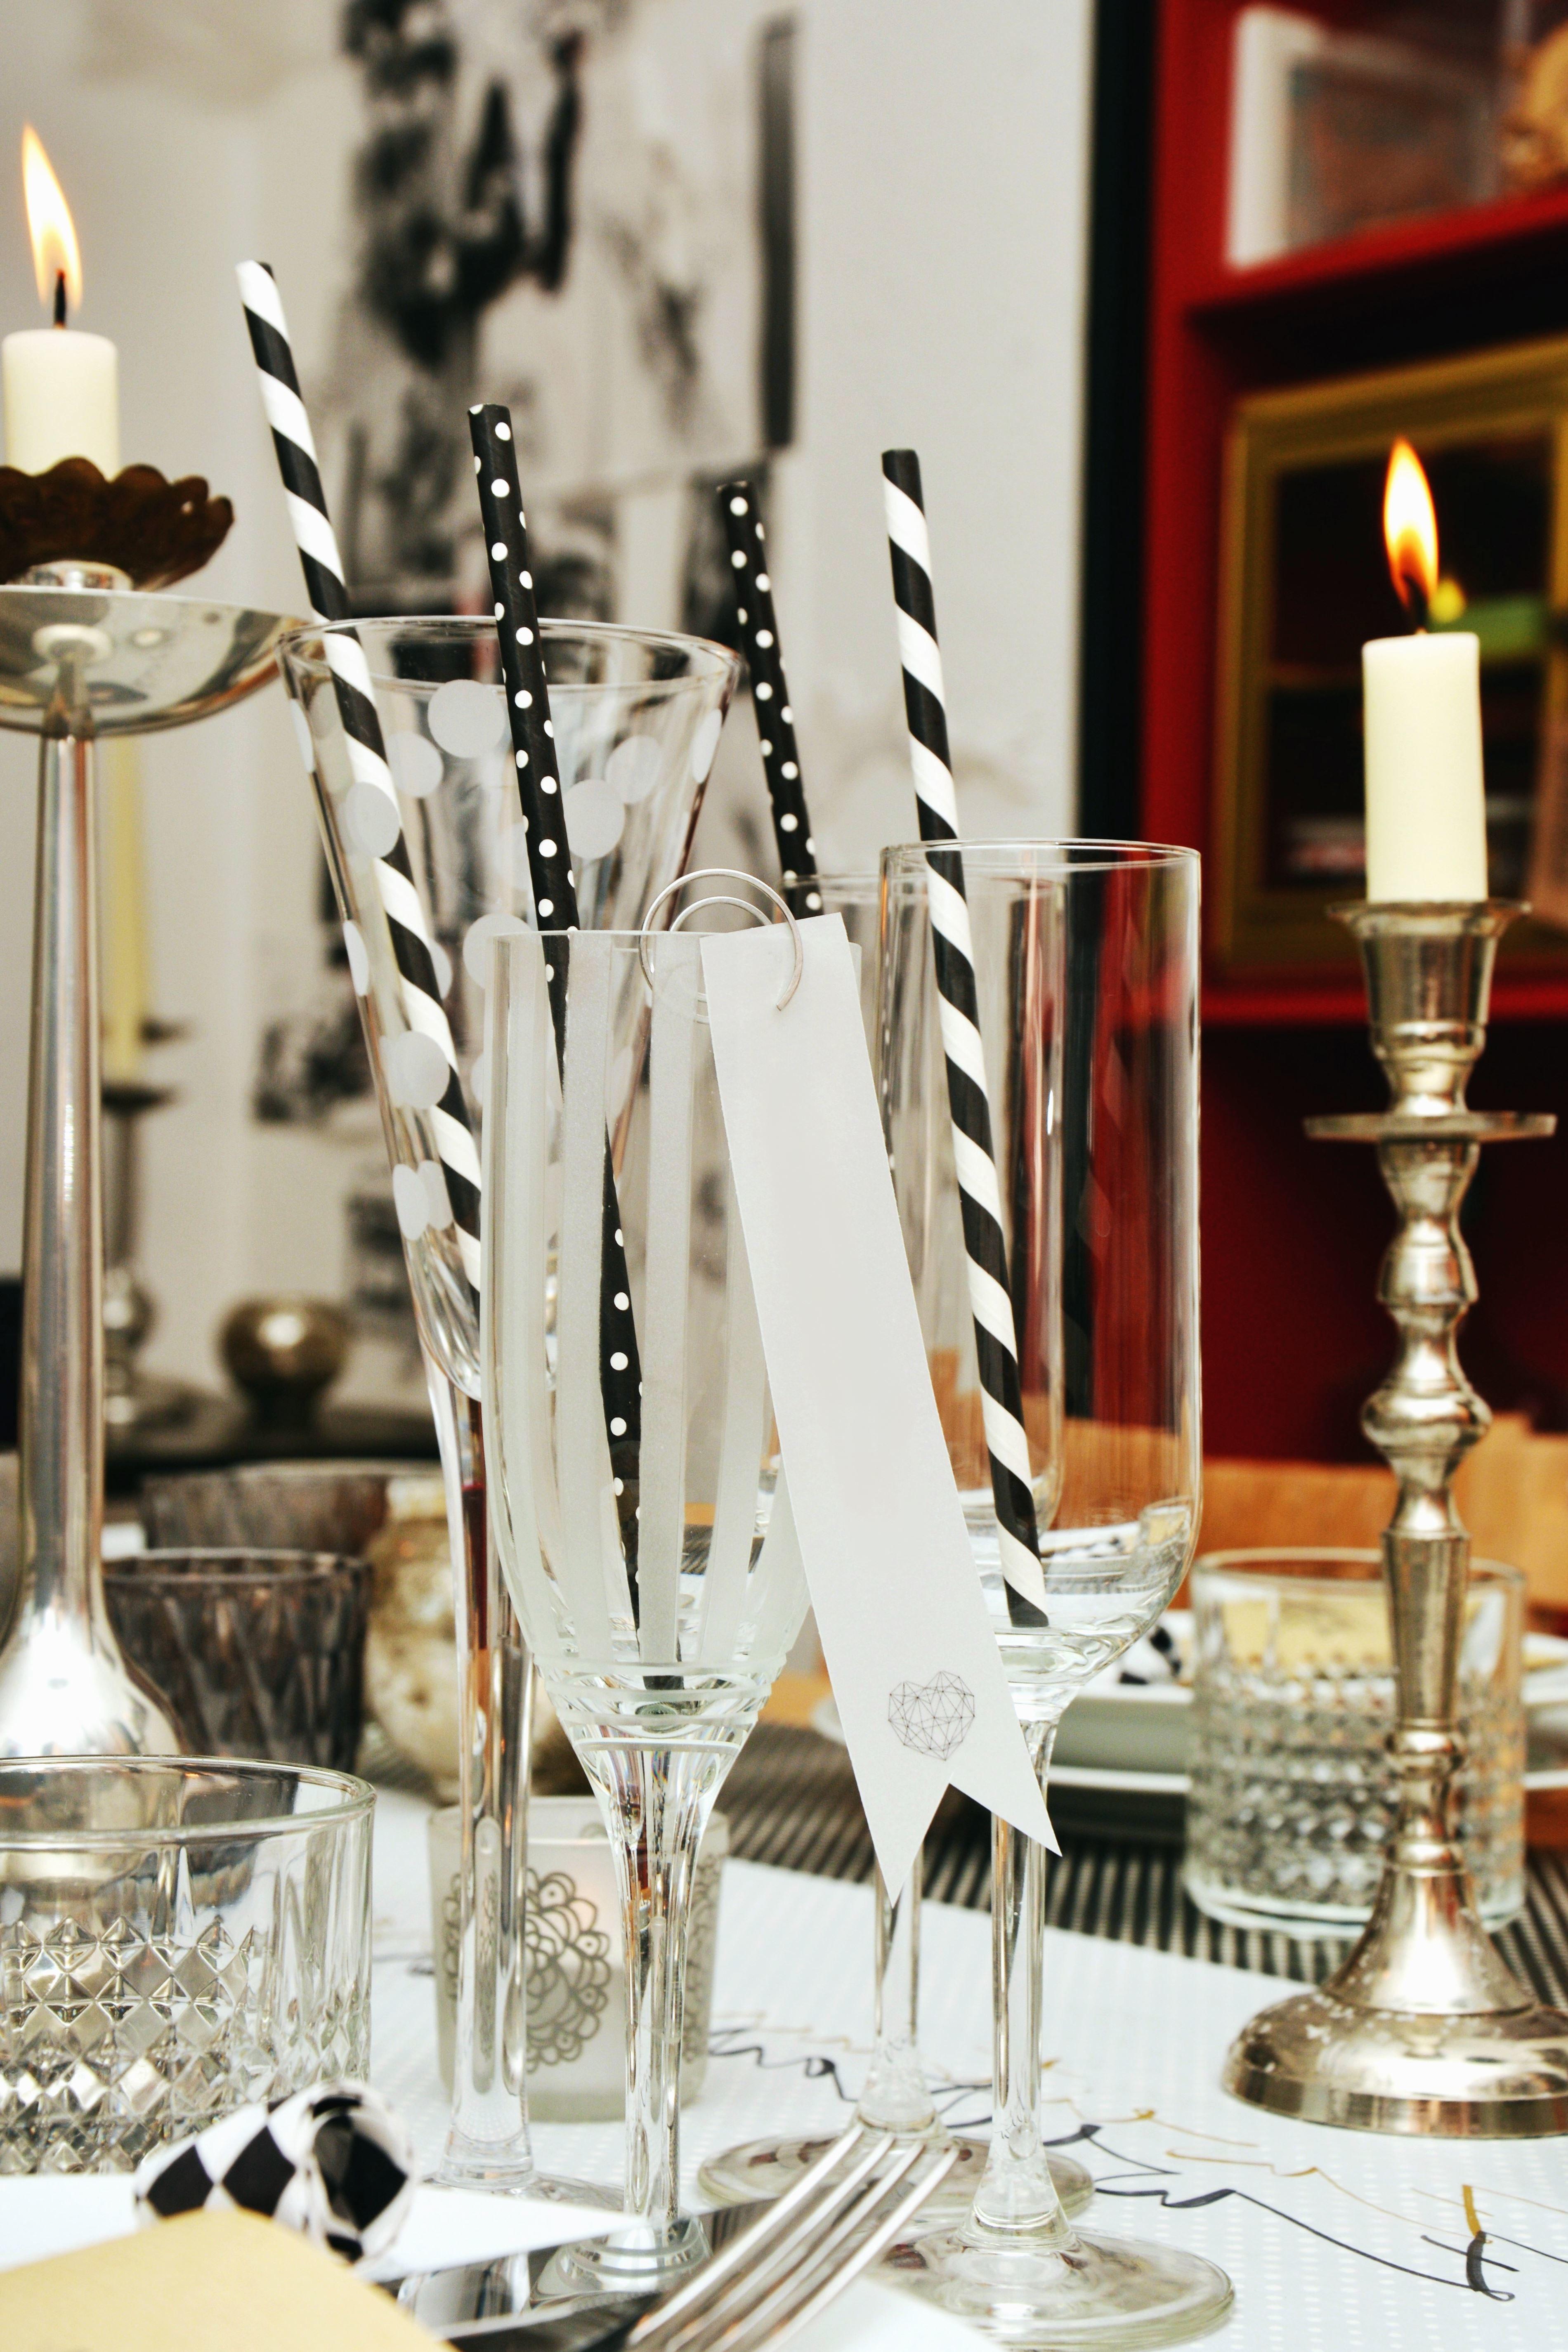 Kostenlose Bild: Glas, Kerze, Tisch, Leuchter, Dekoration